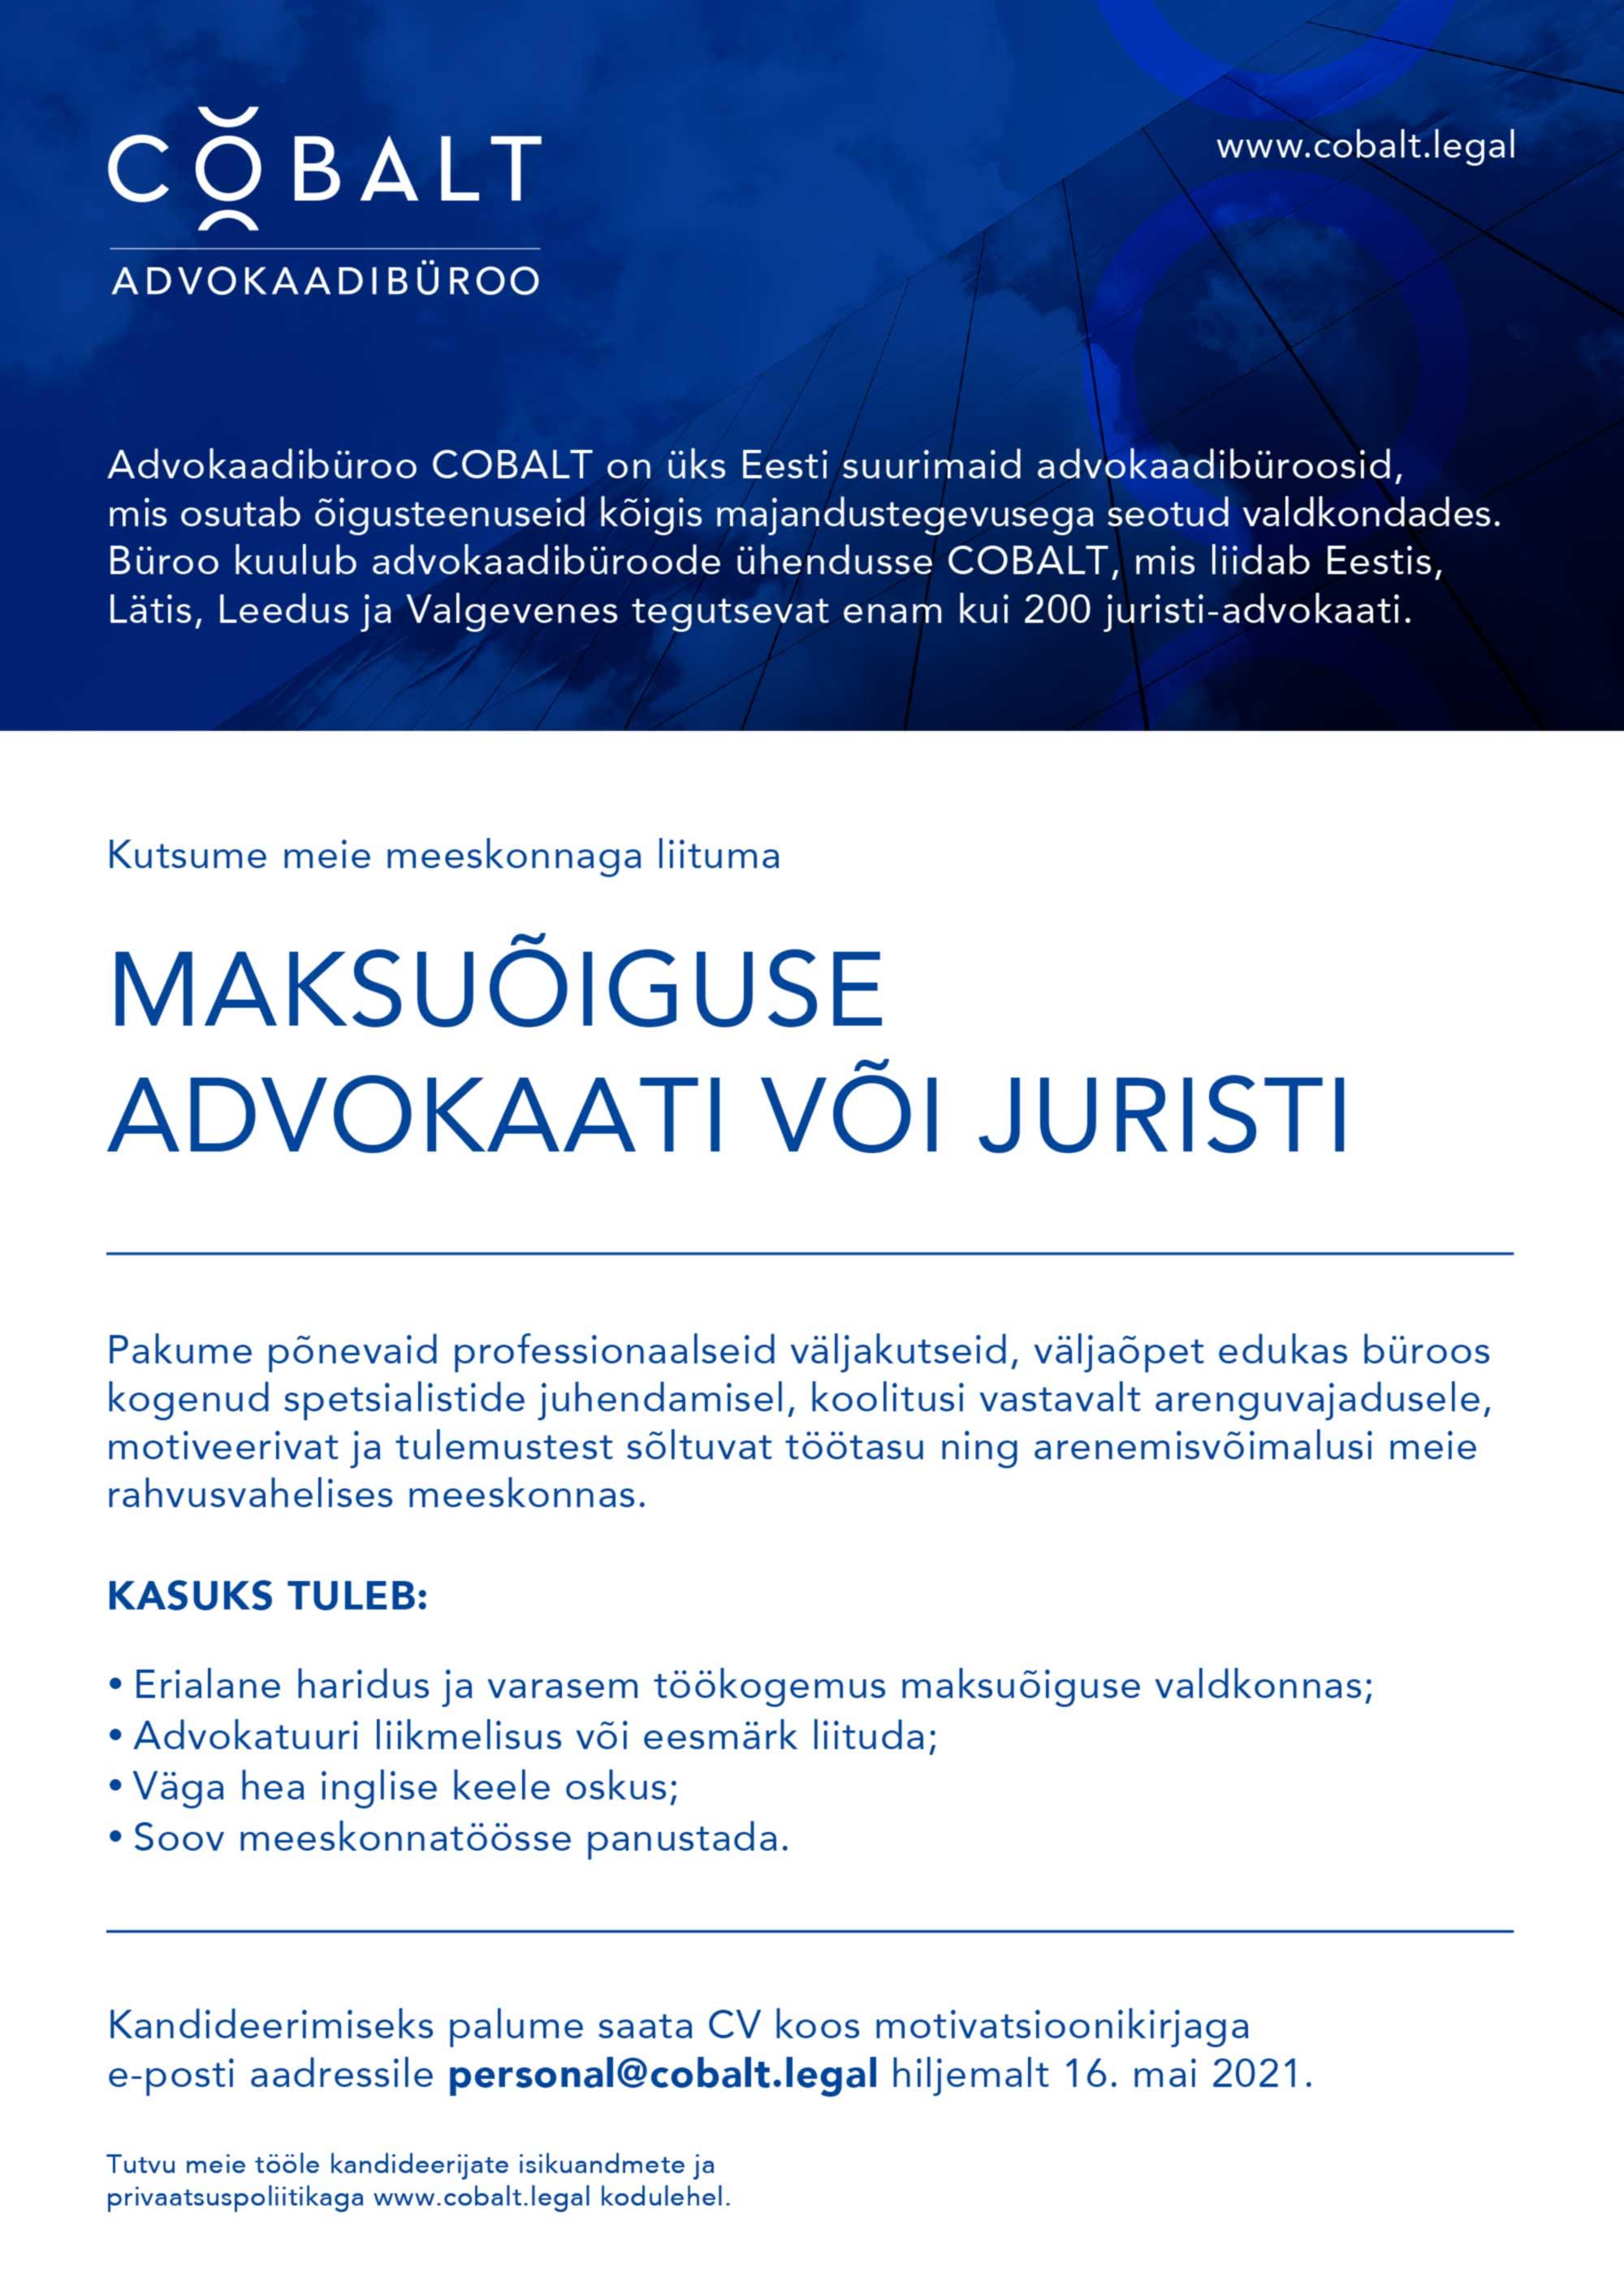 MAKSUÕIGUSE ADVOKAAT/ JURIST